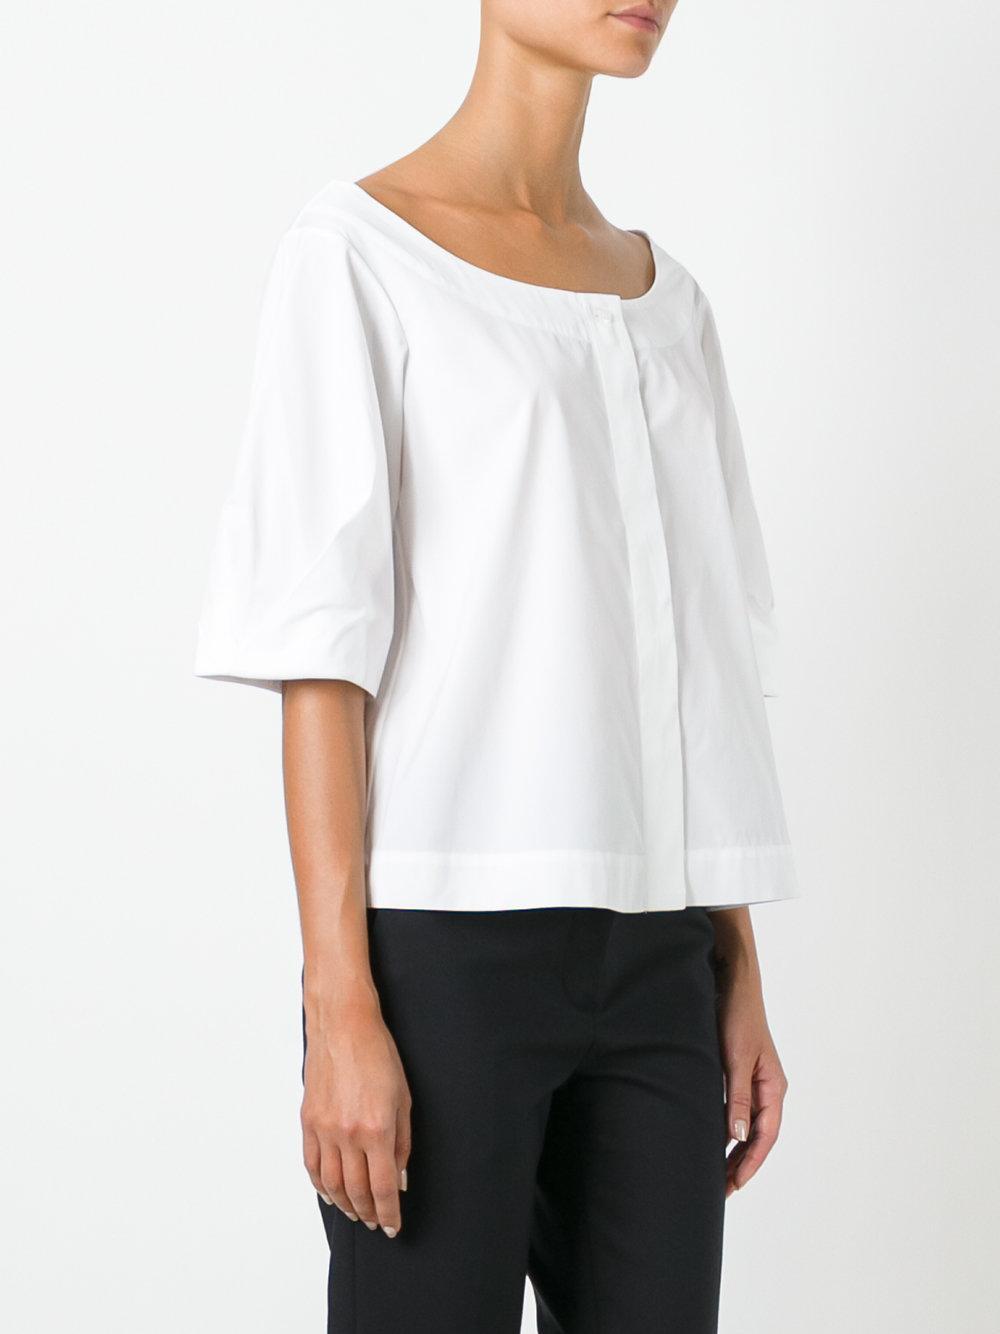 Isa Arfen Scoop Neck Shirt In White Lyst